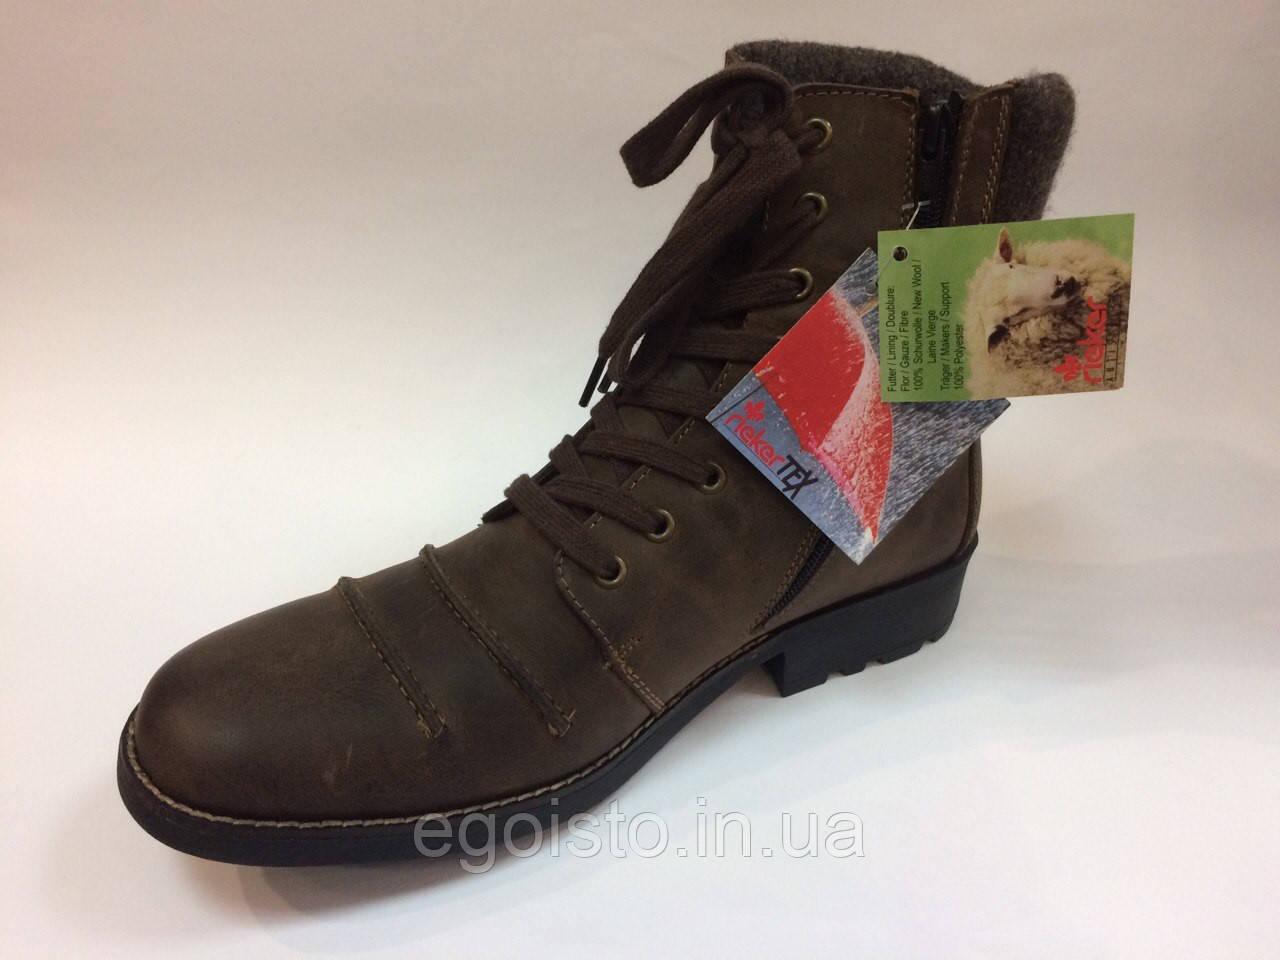 43c586db9 Ботинки мужские Rieker Boots коричневые - Интернет-магазин брендовой обуви